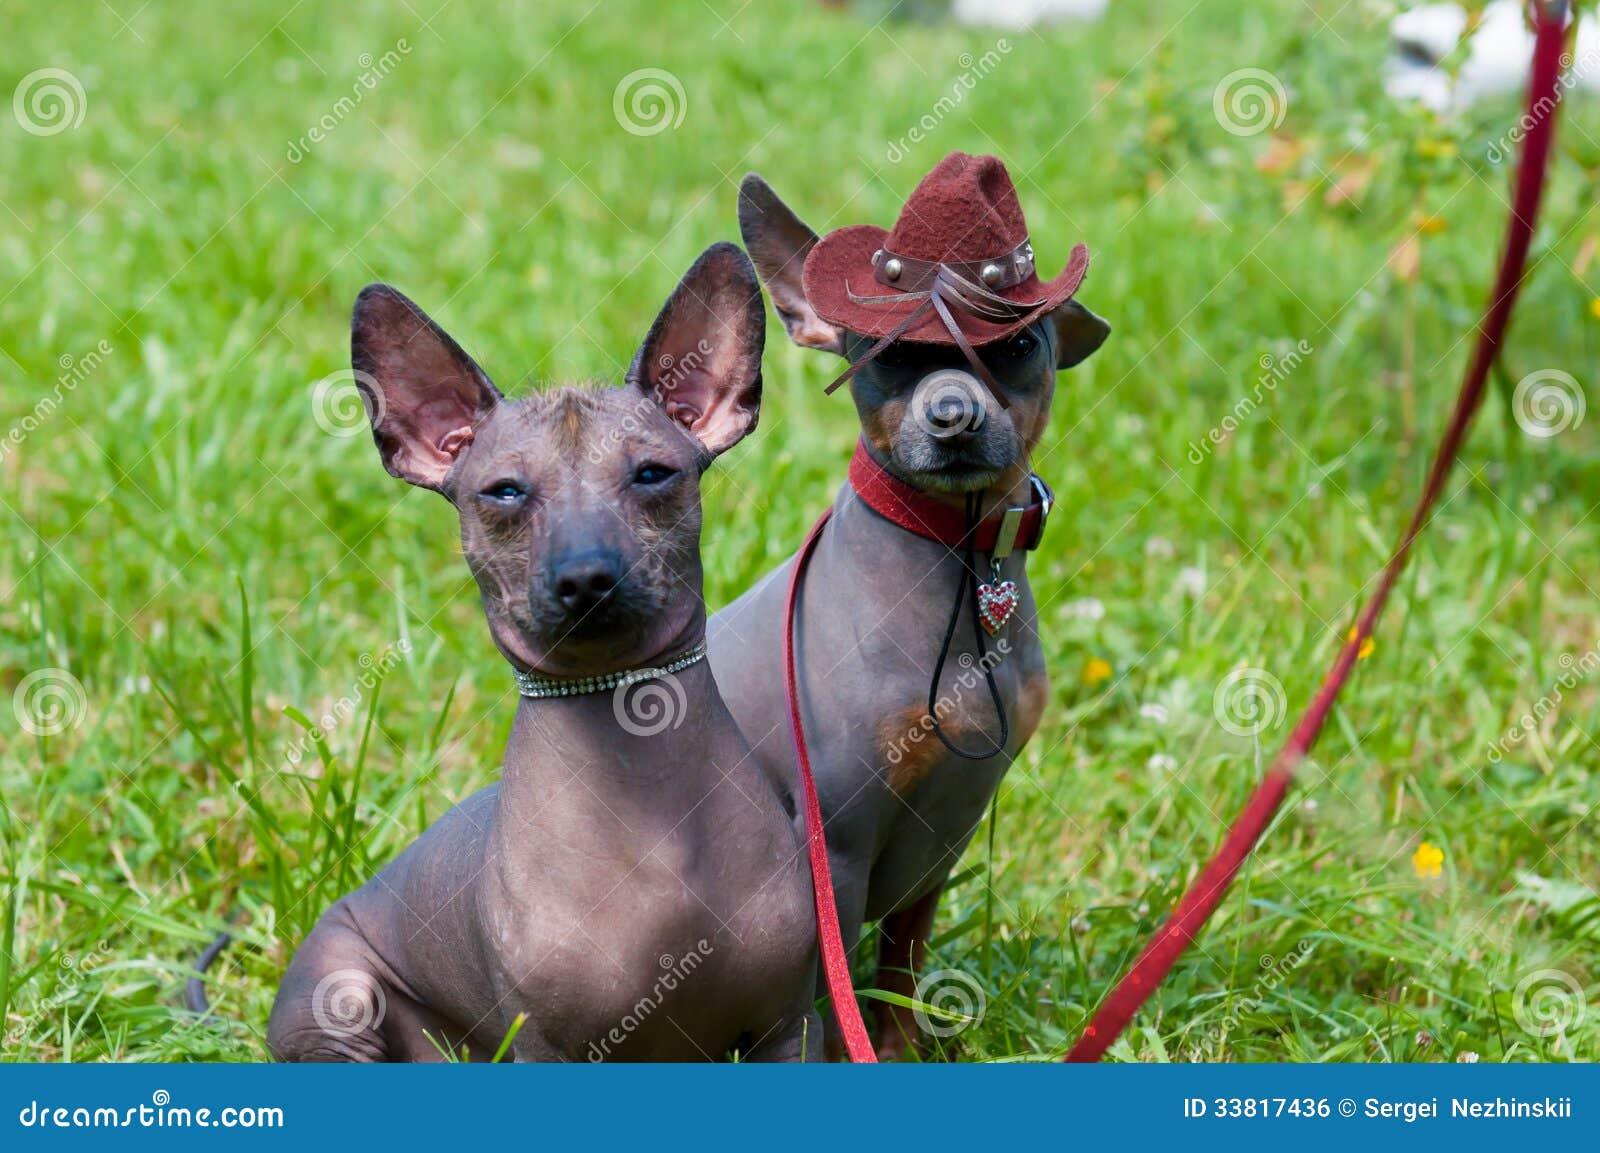 Мексиканская безволосая собака